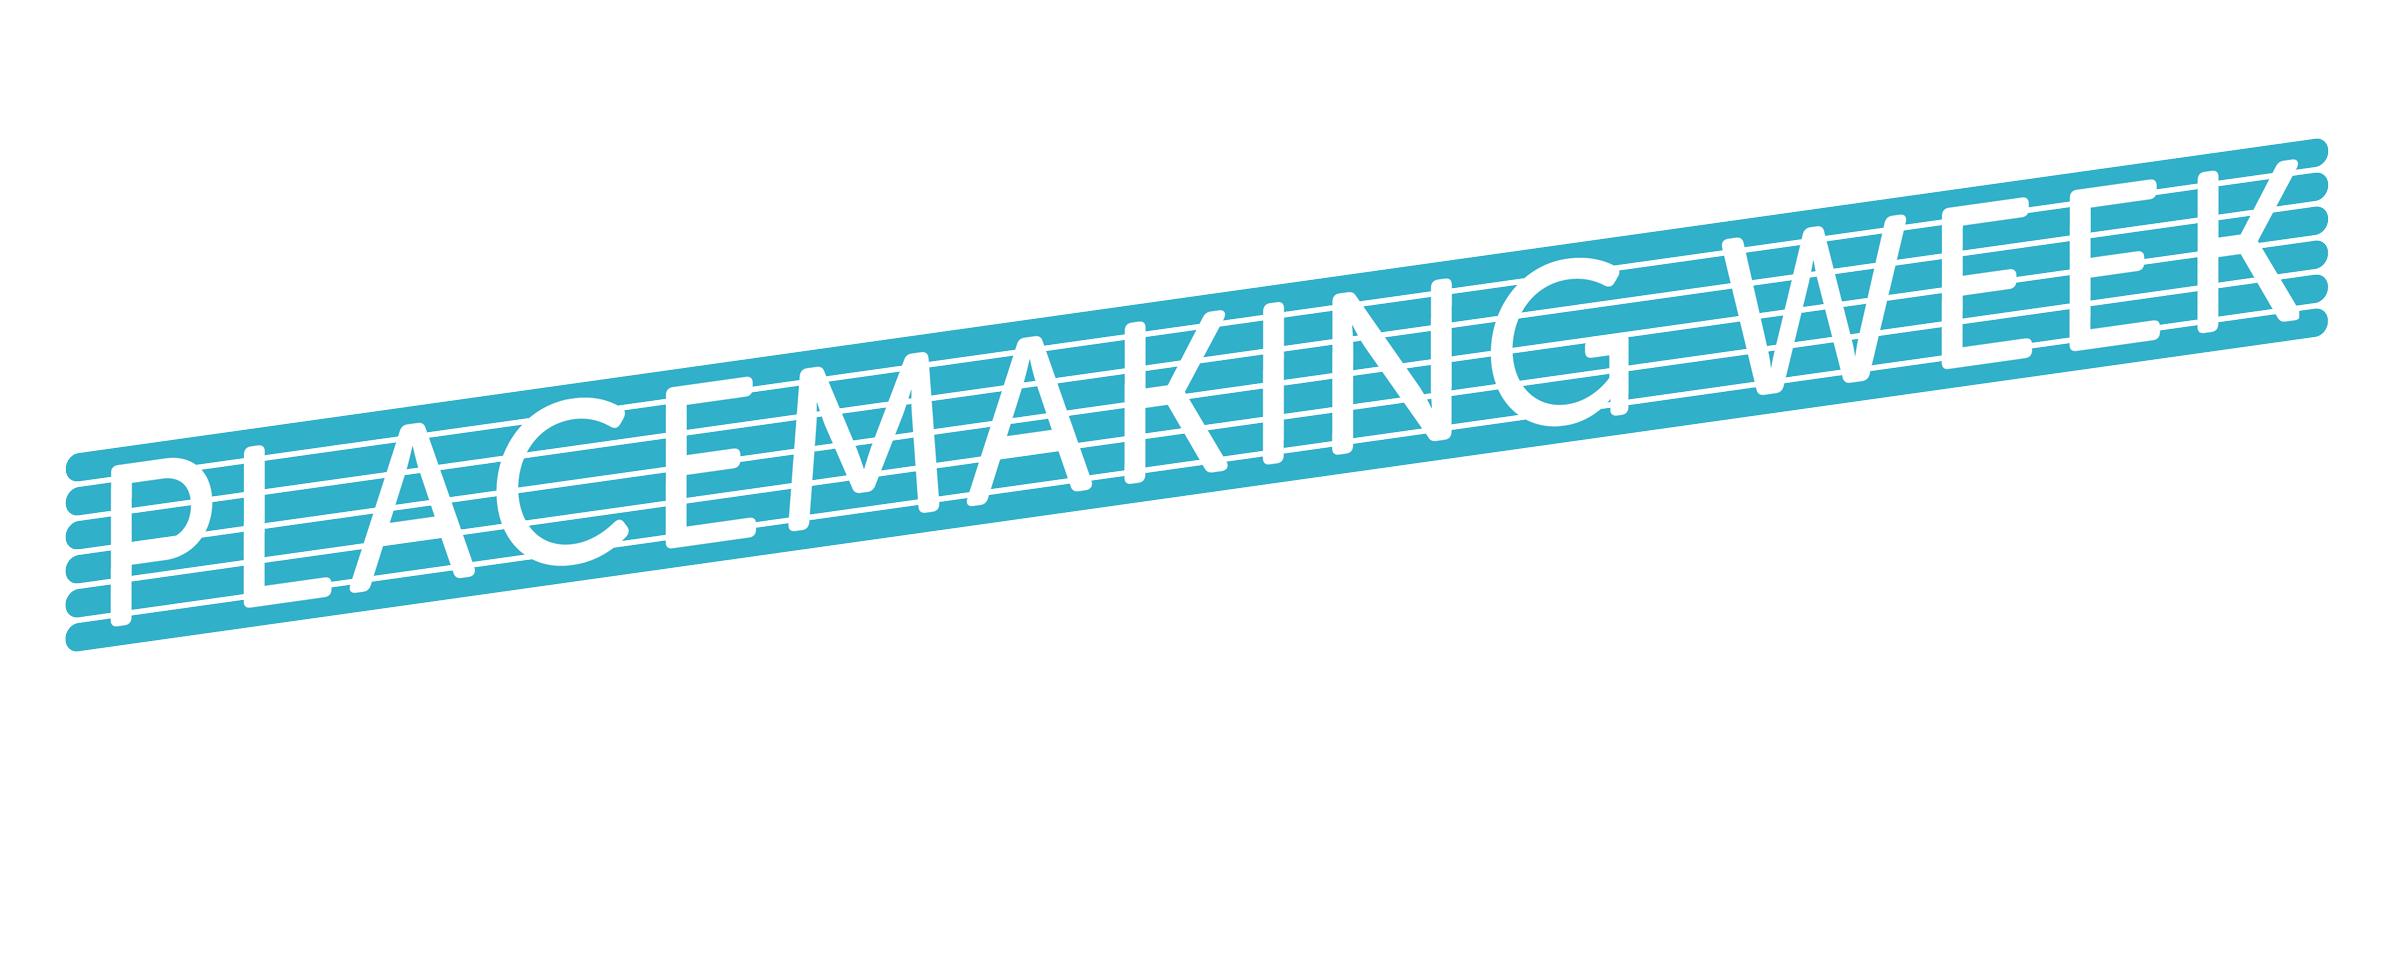 3rd International Placemaking Week